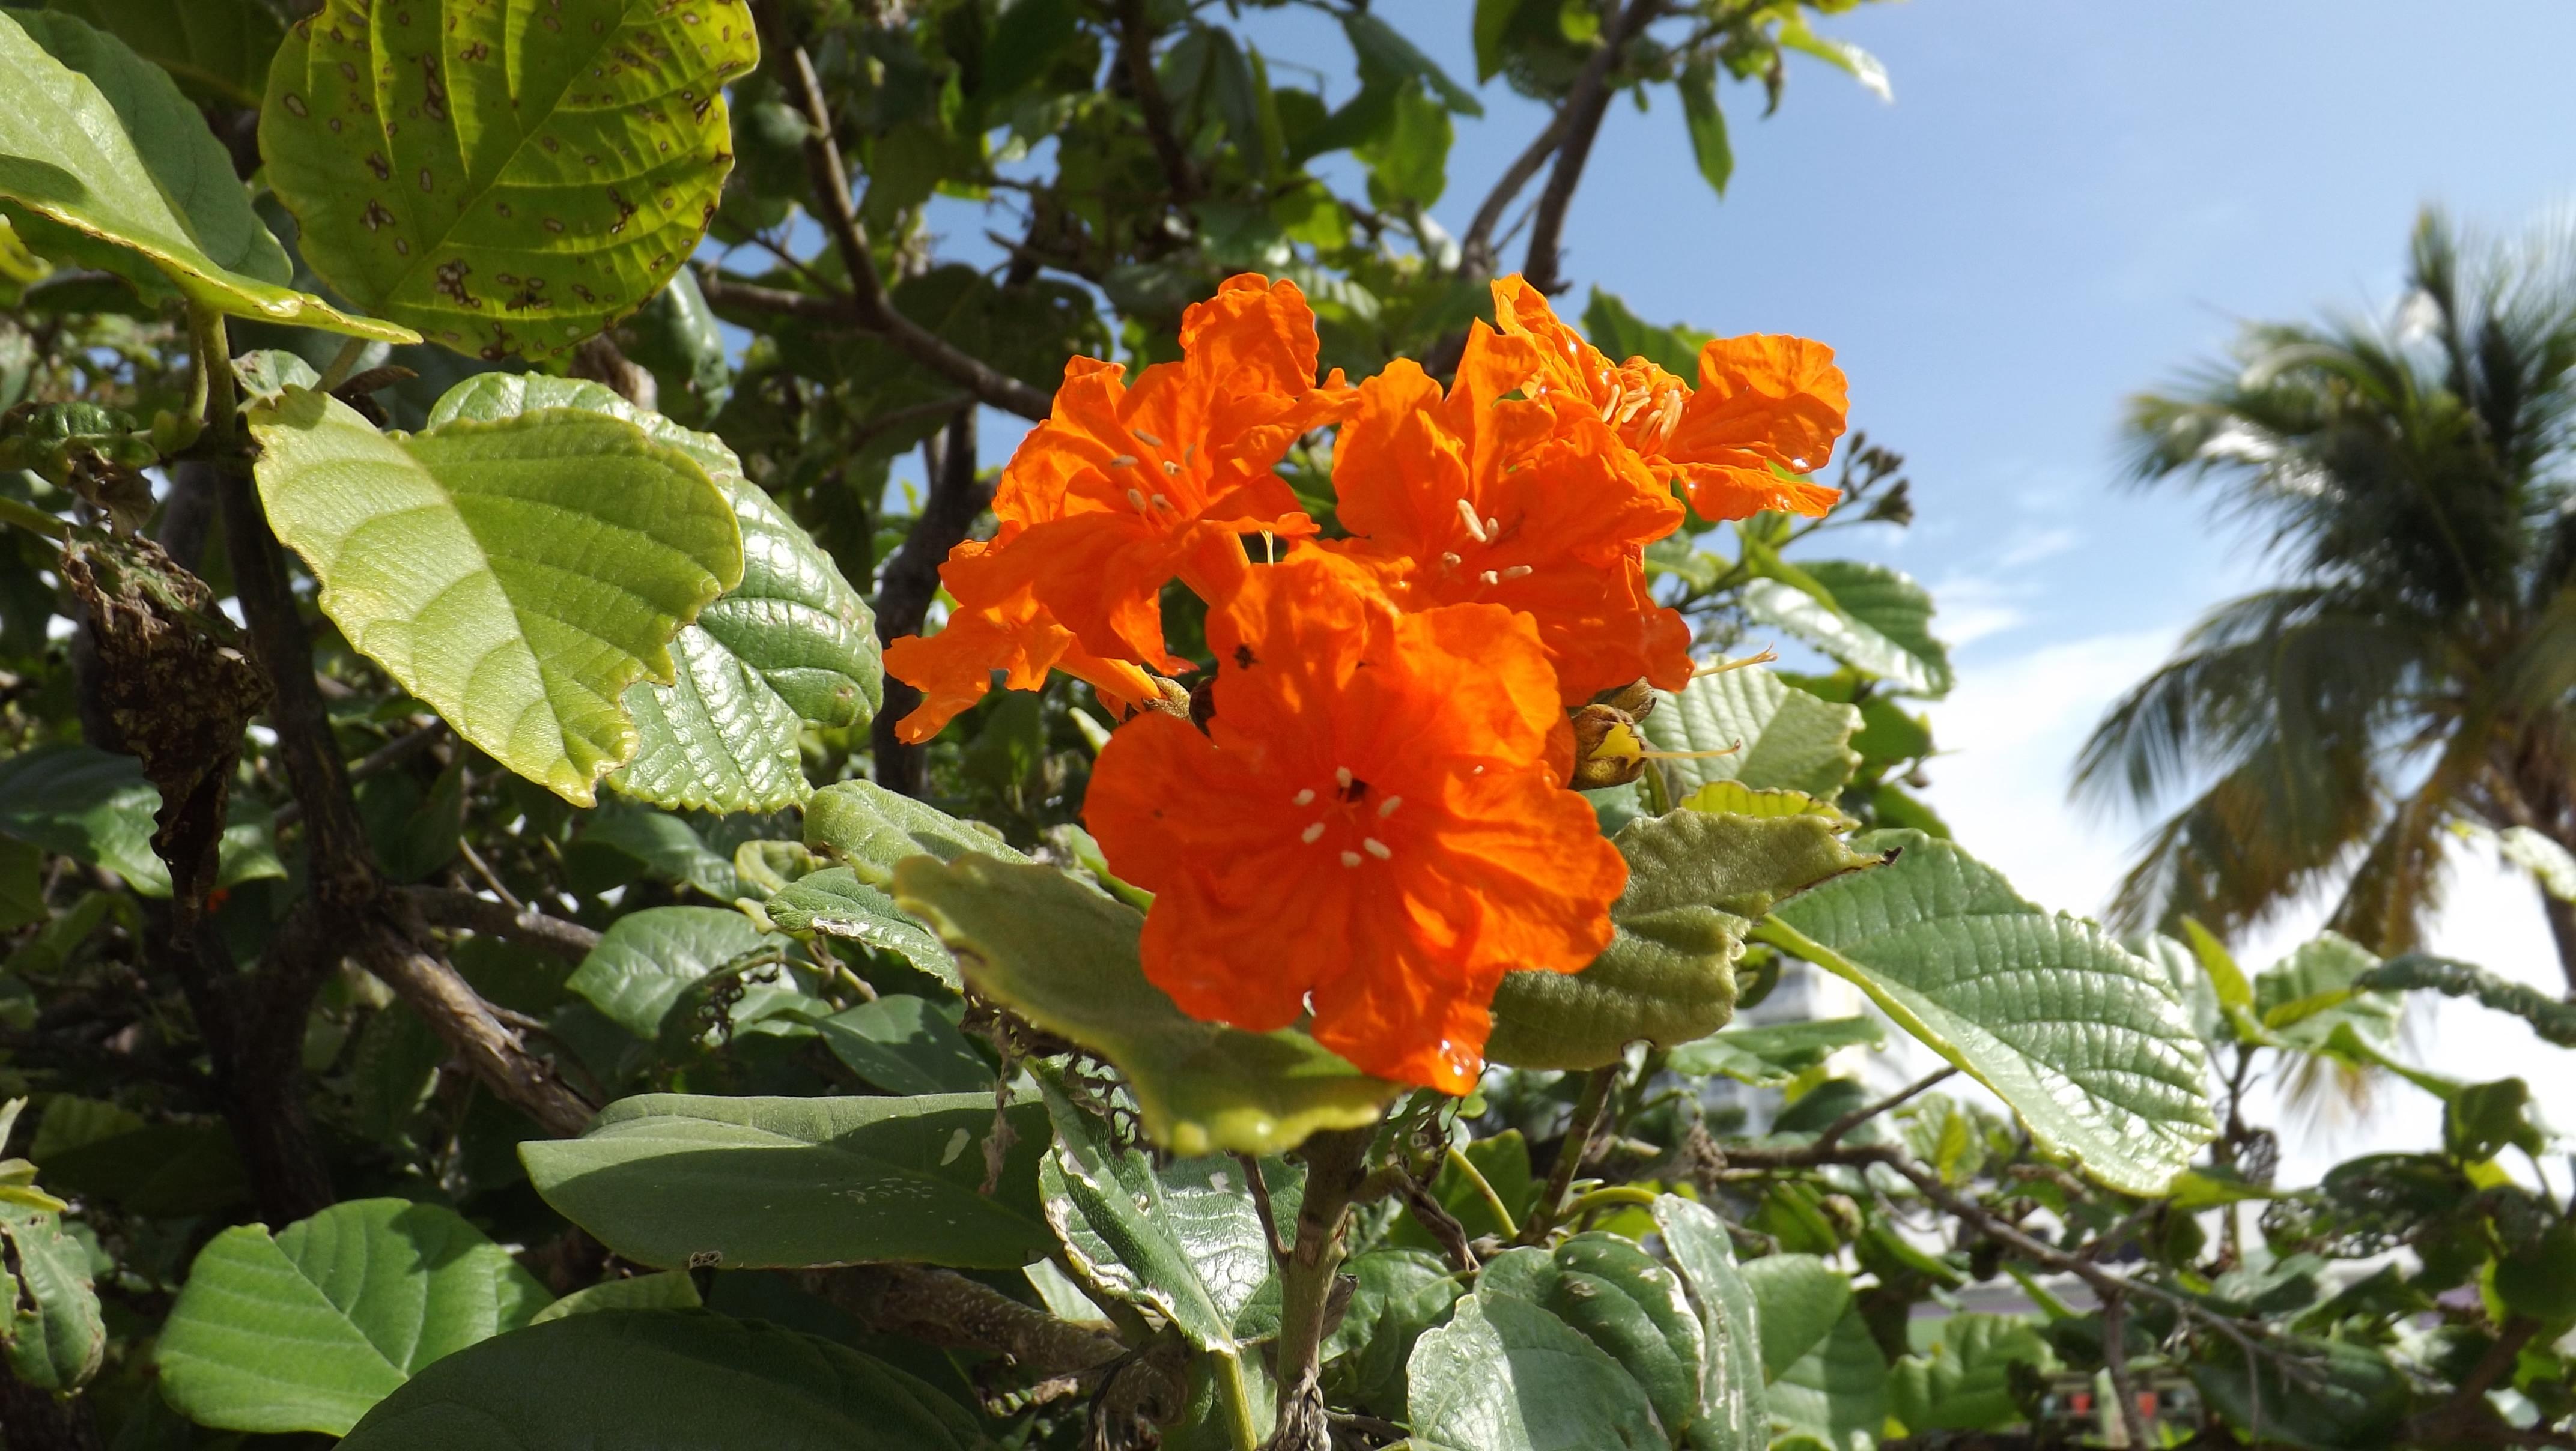 Speed dating orange tree solihull - Rich kvinde ser kvinde